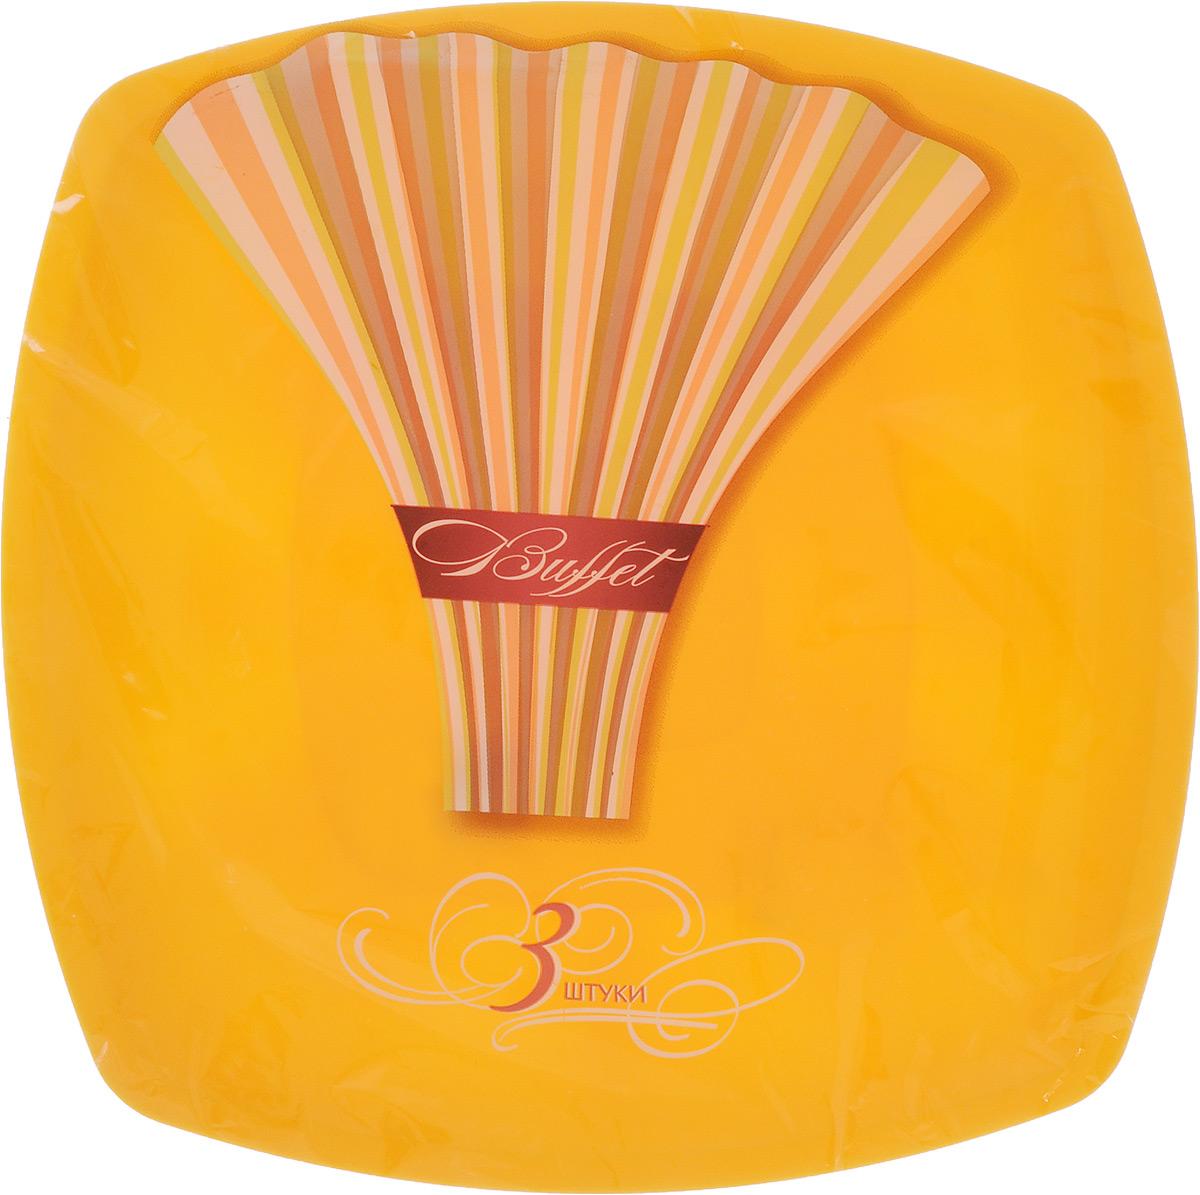 Набор одноразовых тарелок Buffet, цвет: желтый, 30 х 30 см, 3 шт183207_желтыйНабор Buffet состоит из 3 квадратных тарелок, выполненных из полипропилена и предназначенных для одноразового использования. Одноразовые тарелки будут незаменимы при поездках на природу, пикниках и других мероприятиях. Они не займут много места, легки и самое главное - после использования их не надо мыть. Размер тарелки (по верхнему краю): 30 х 30 см. Высота тарелки: 1 см.